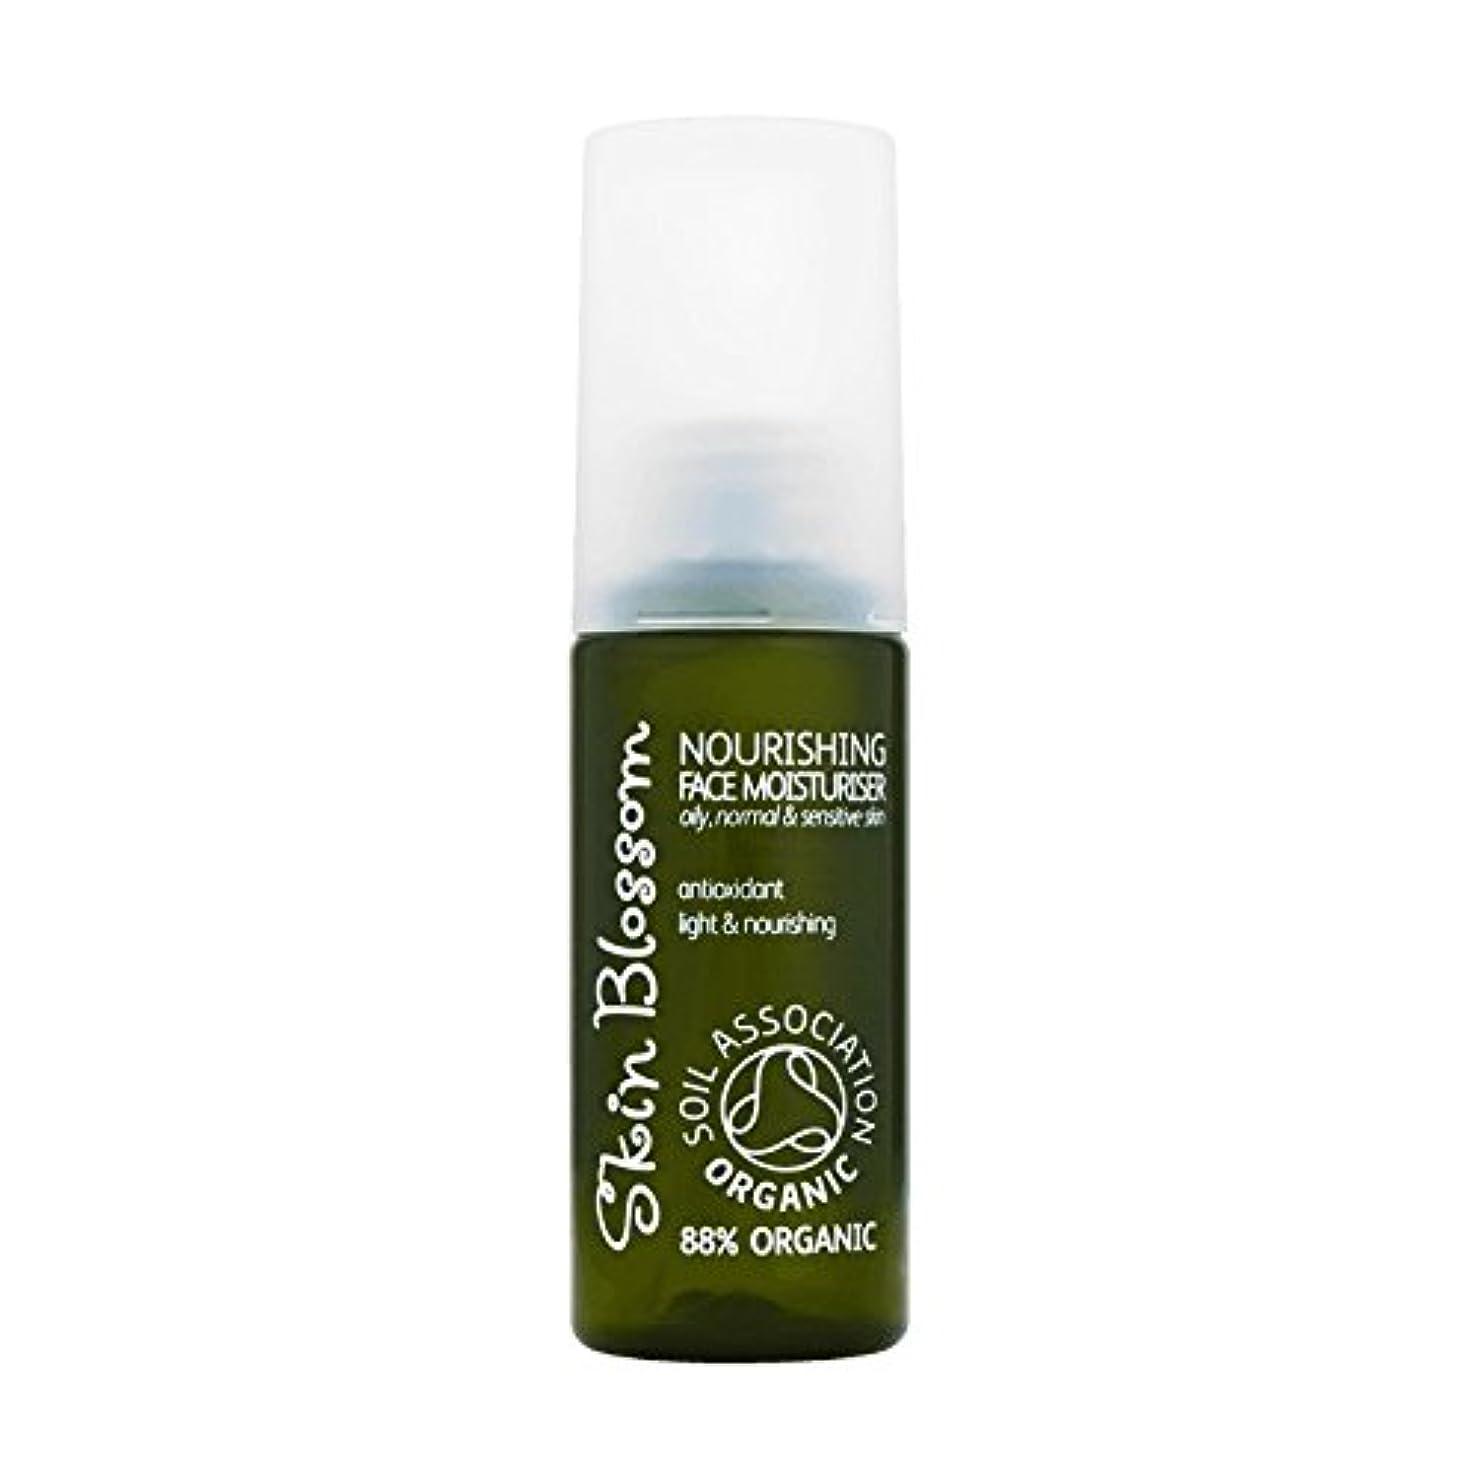 定義頭蓋骨オーチャードSkin Blossom Nourishing Face Moisturiser 50ml (Pack of 2) - 皮膚の花栄養顔の保湿クリーム50Ml (x2) [並行輸入品]